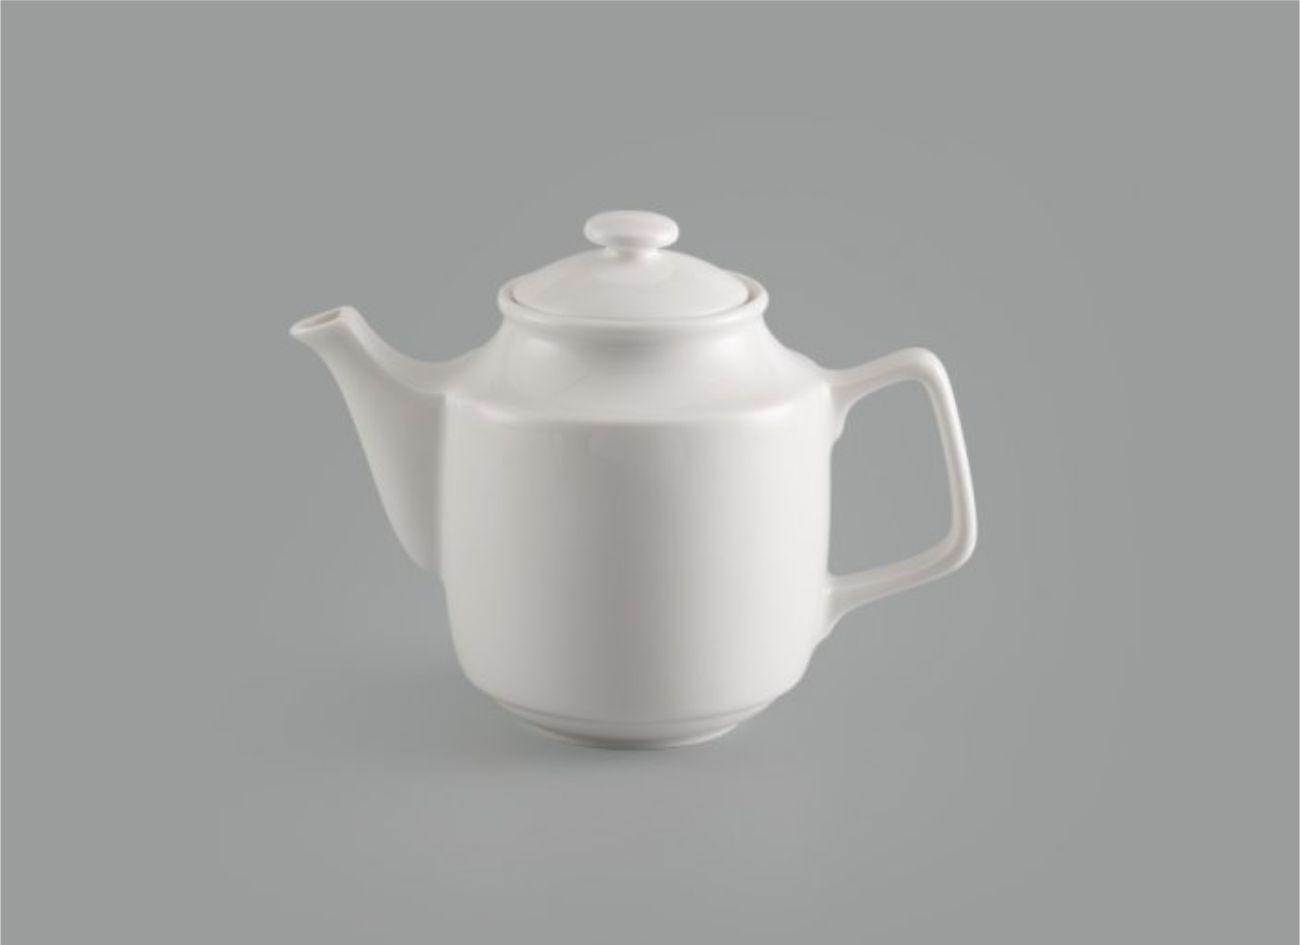 Bình trà 1.1L + nắp Jas Lys Trắng Ngà 011194000